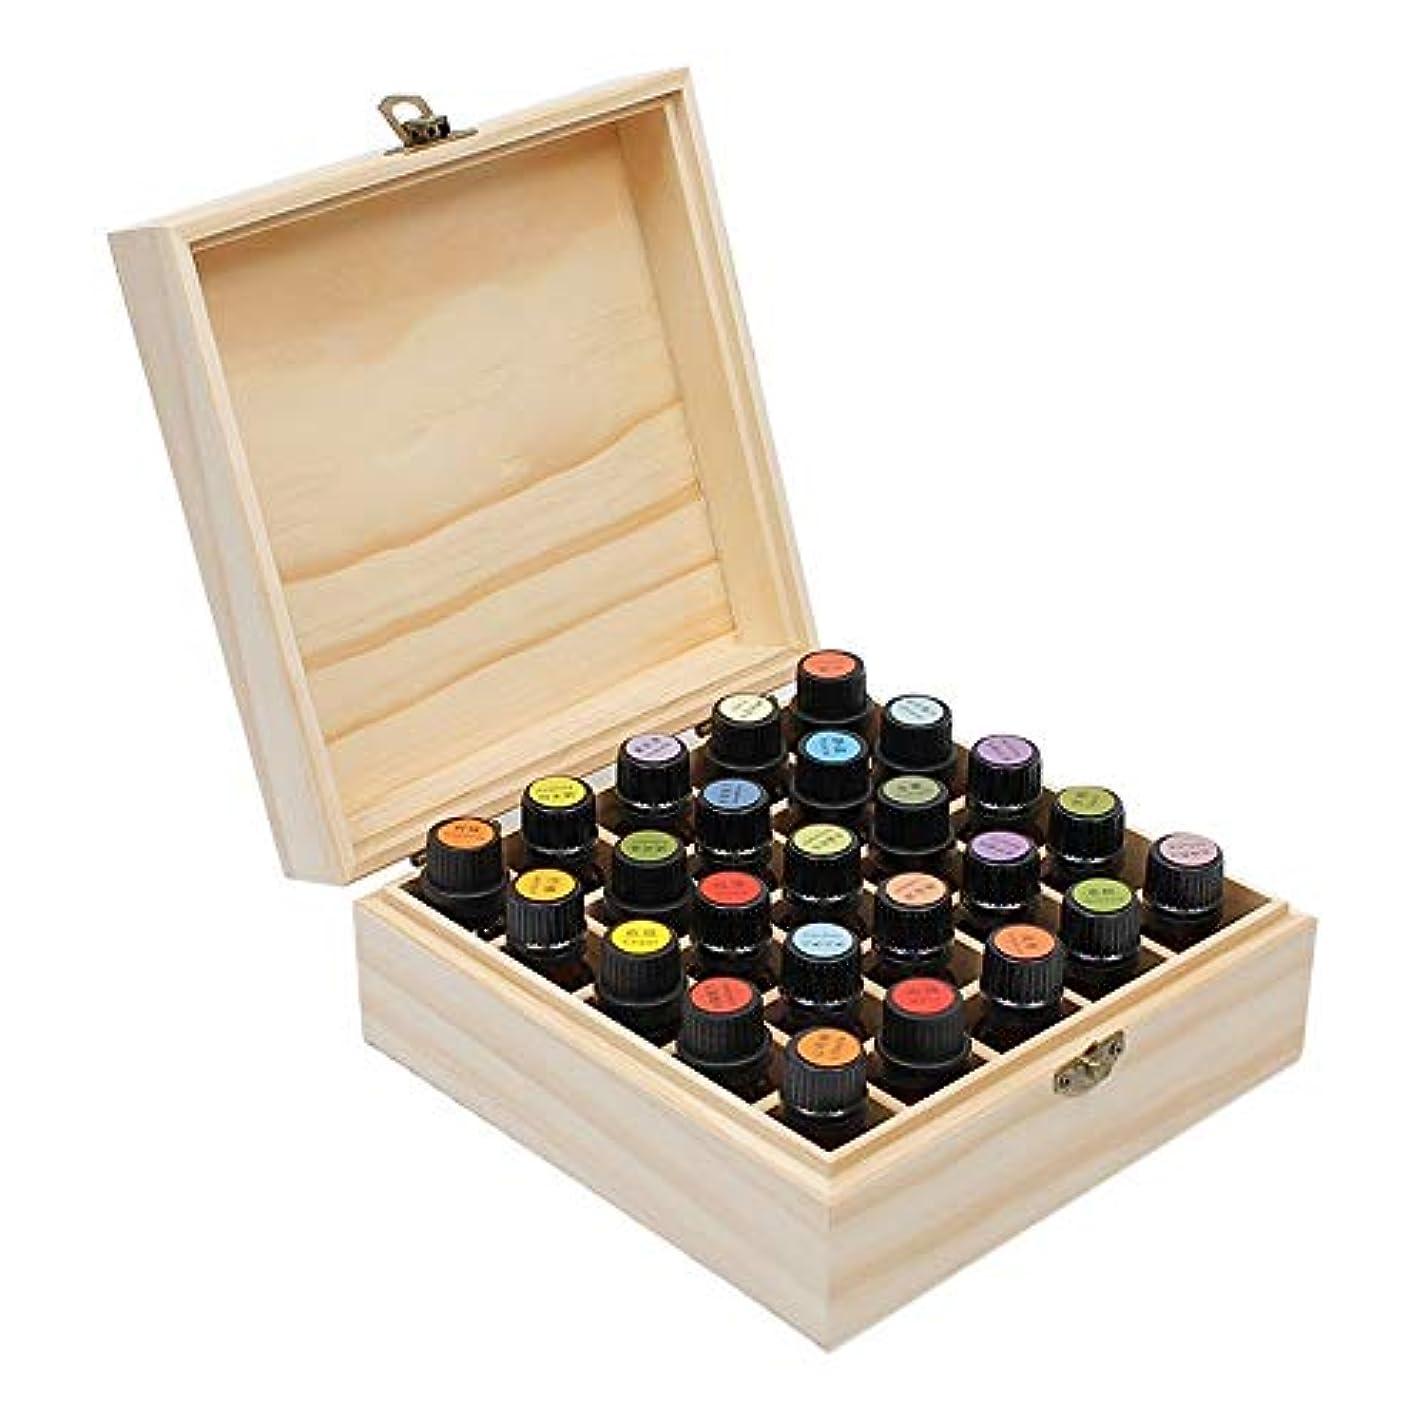 アーサー十一名誉あるエッセンシャルオイルストレージボックス 25搬送するためのスロットエッセンシャルオイルボックス木製収納ケースとホームストレージの表示 旅行およびプレゼンテーション用 (色 : Natural, サイズ : 18.3X18.3X8.3CM)